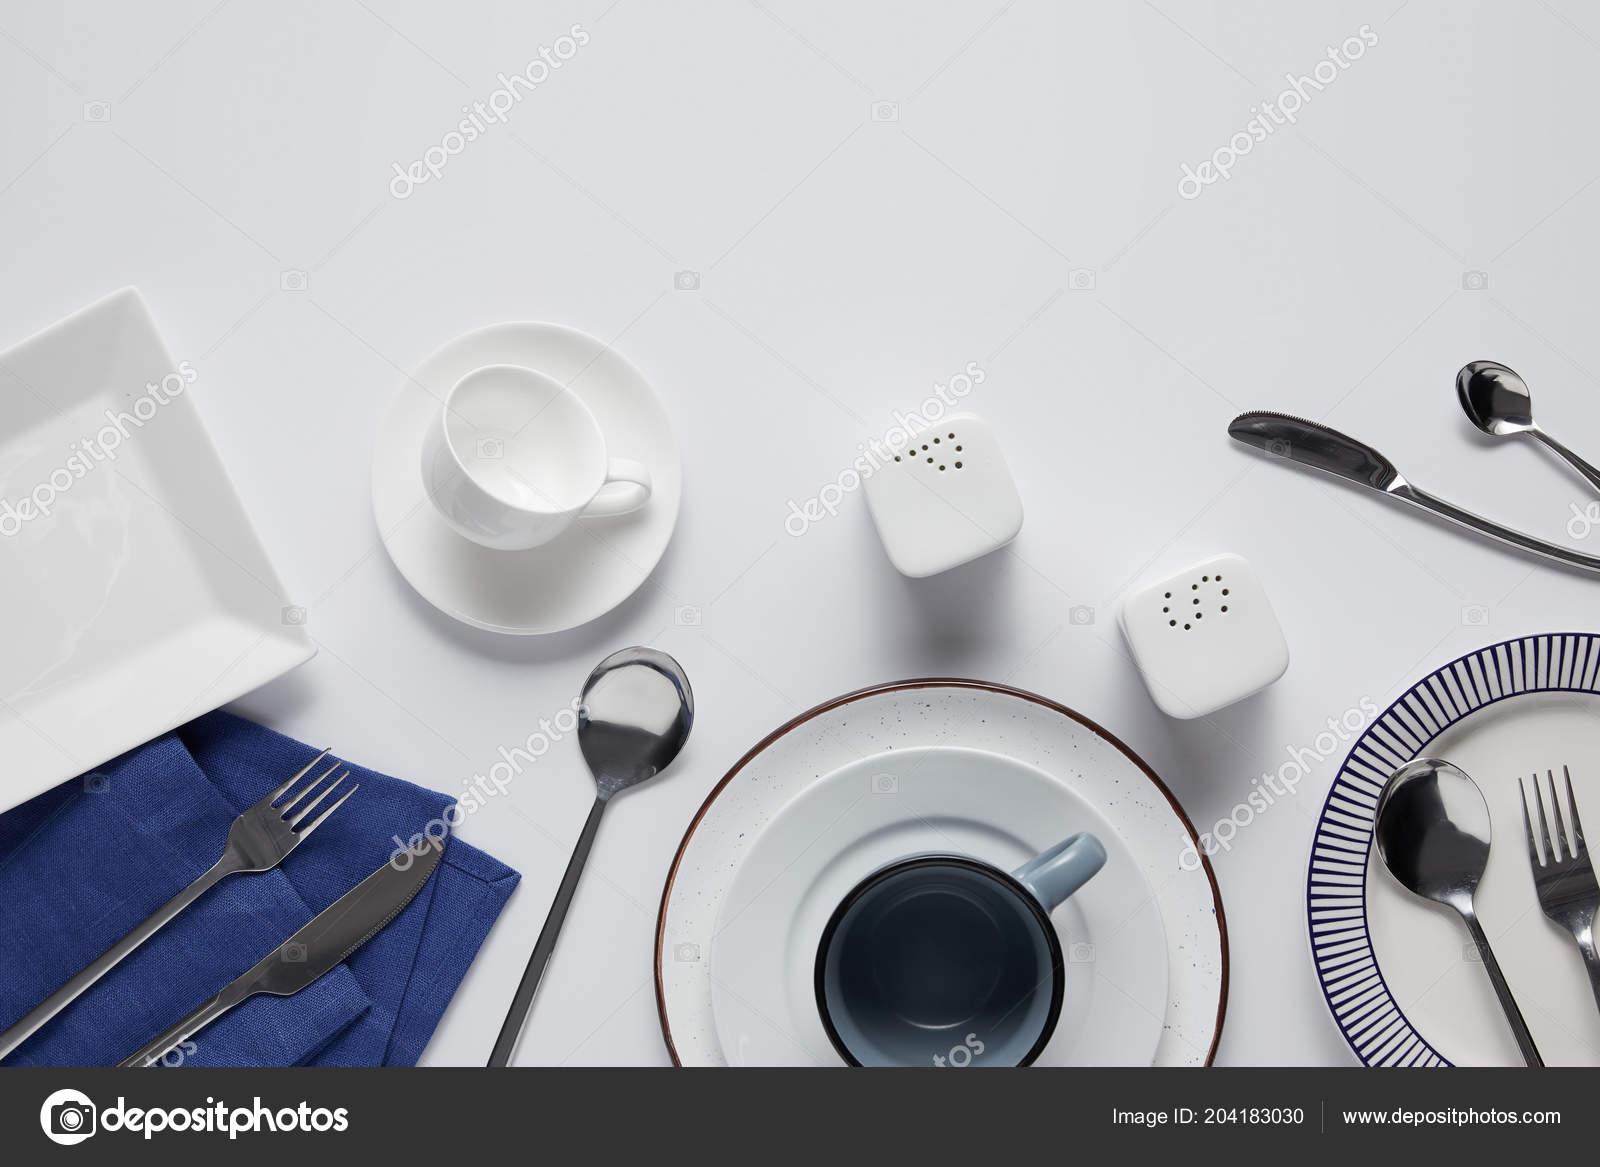 ceramic kitchen top seating 各种陶瓷板材胡椒脚轮厨房毛巾勺子和刀子在白色桌上的顶部视图 图库照片 各种陶瓷板材 盐瓶 胡椒脚轮 杯子 厨房毛巾 叉子 勺子和刀子在白色桌上的顶部视图 照片作者antonmatyukha